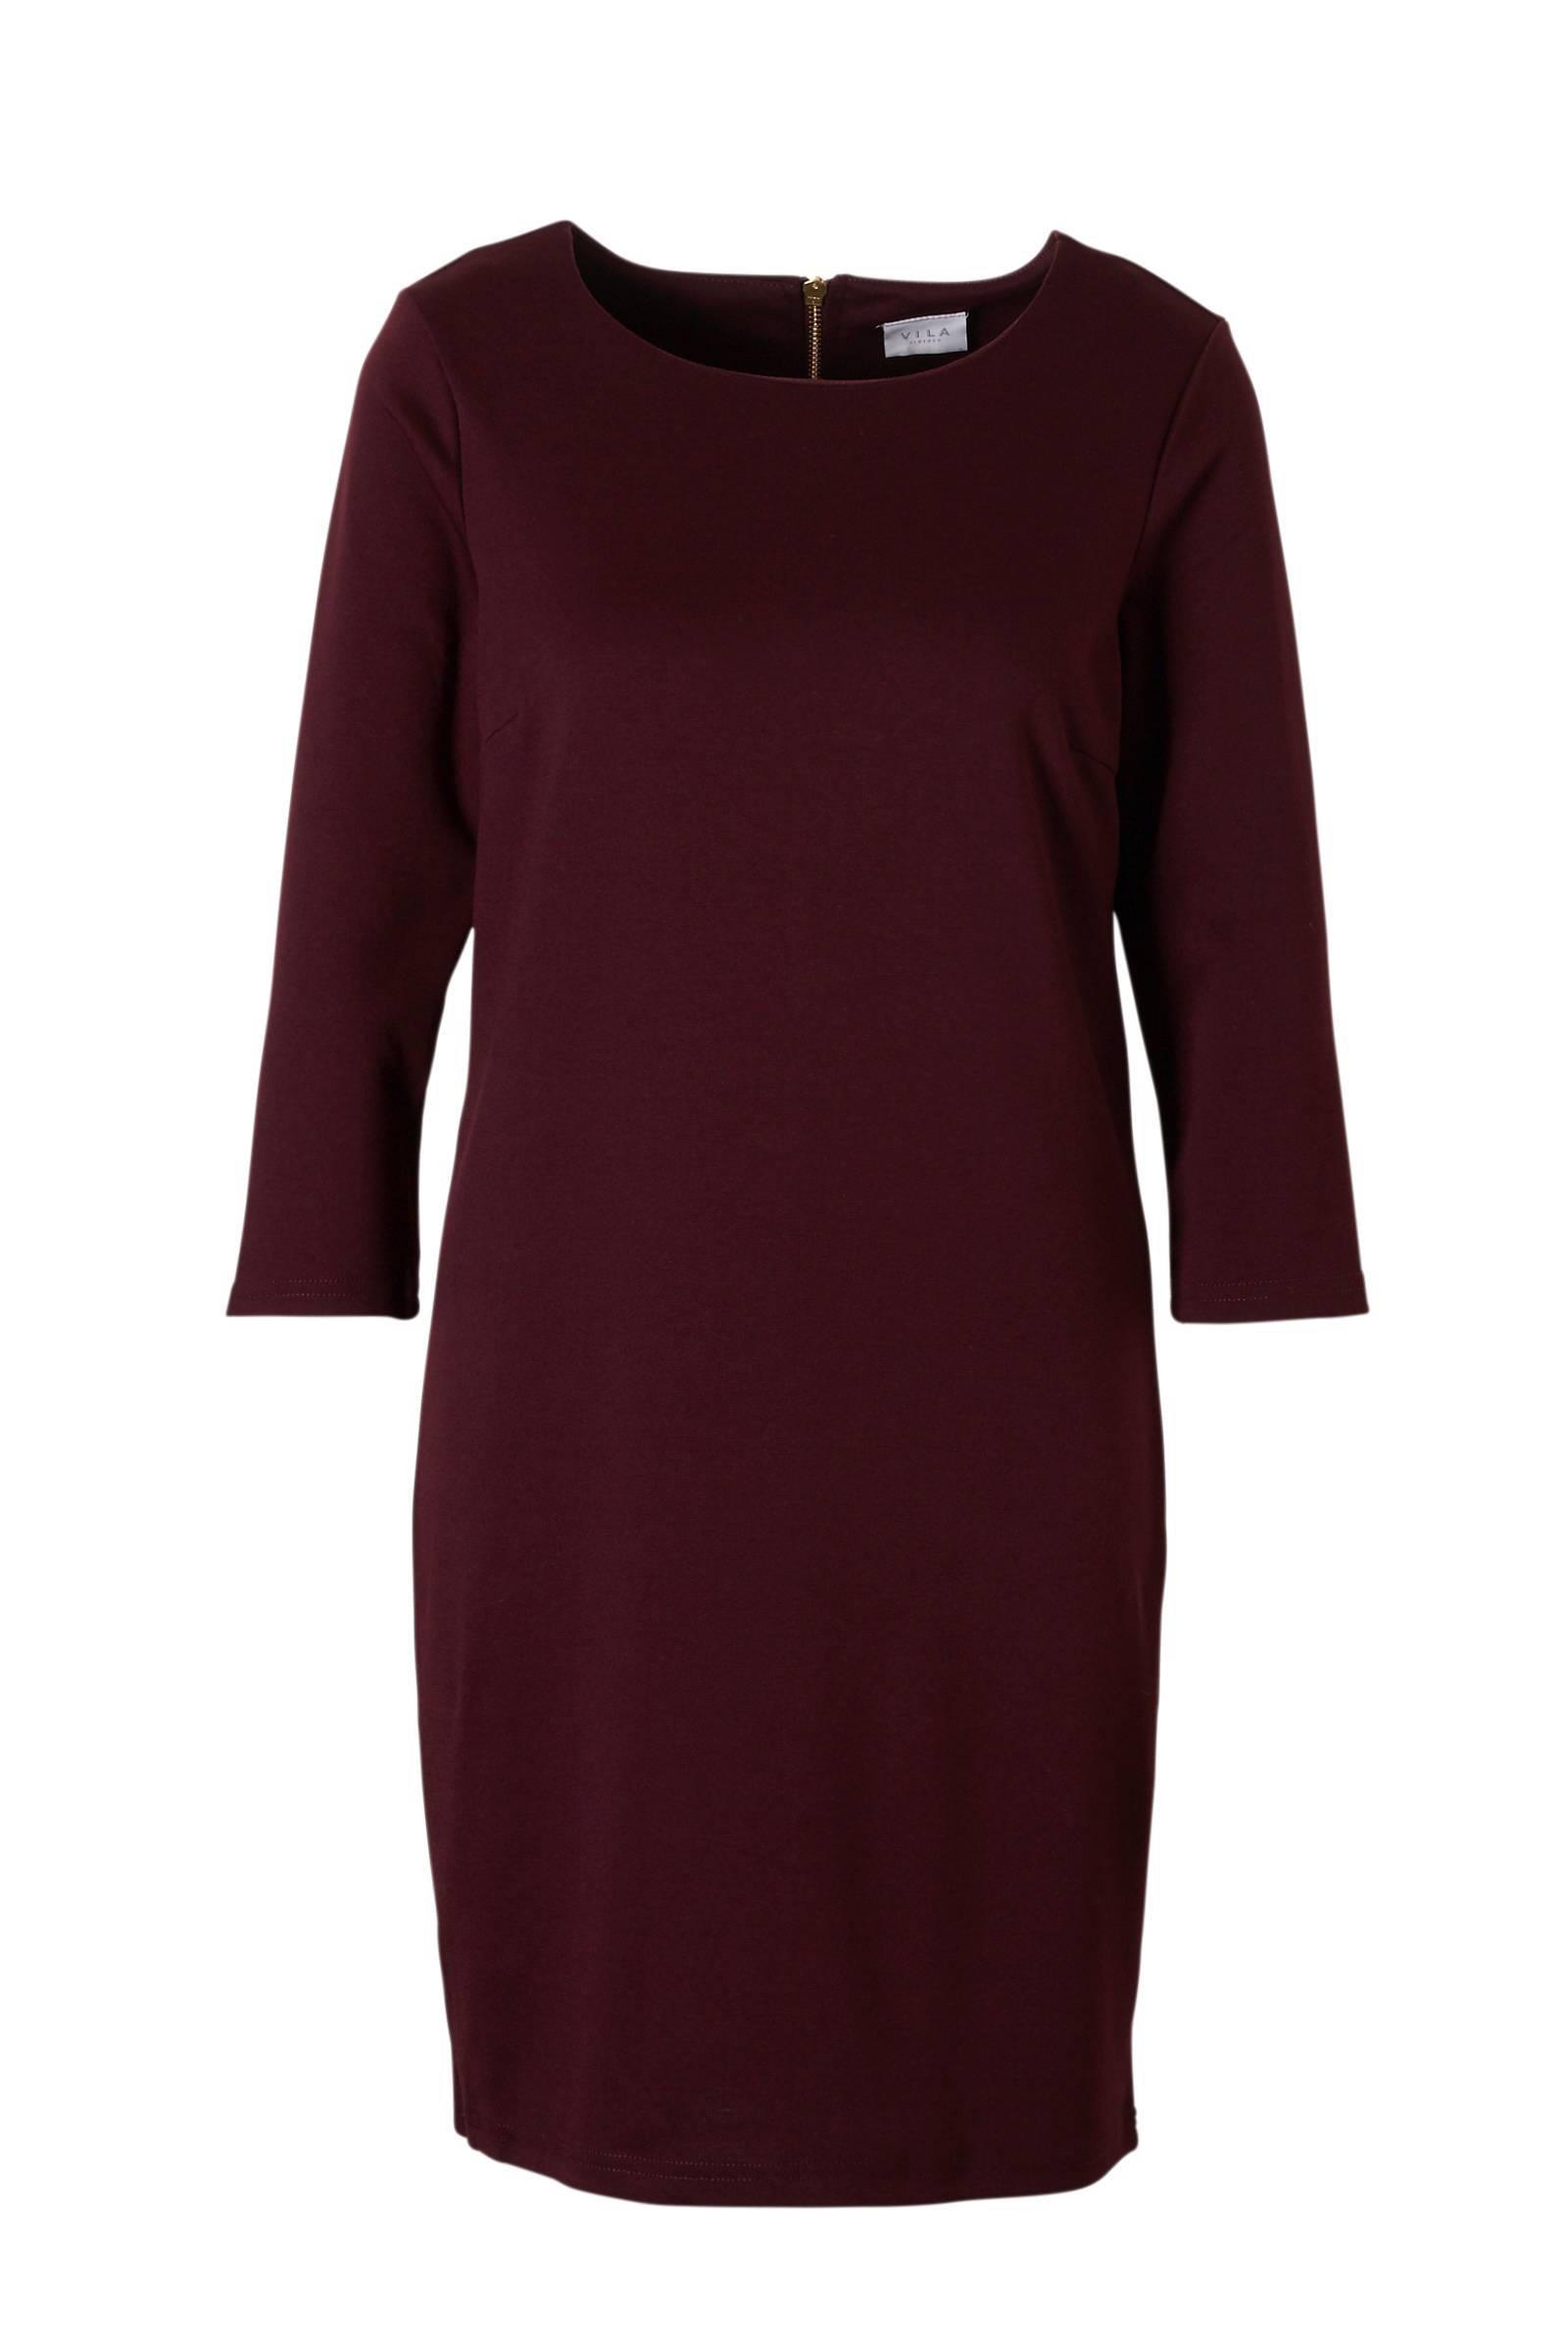 aubergine kleurige jurk